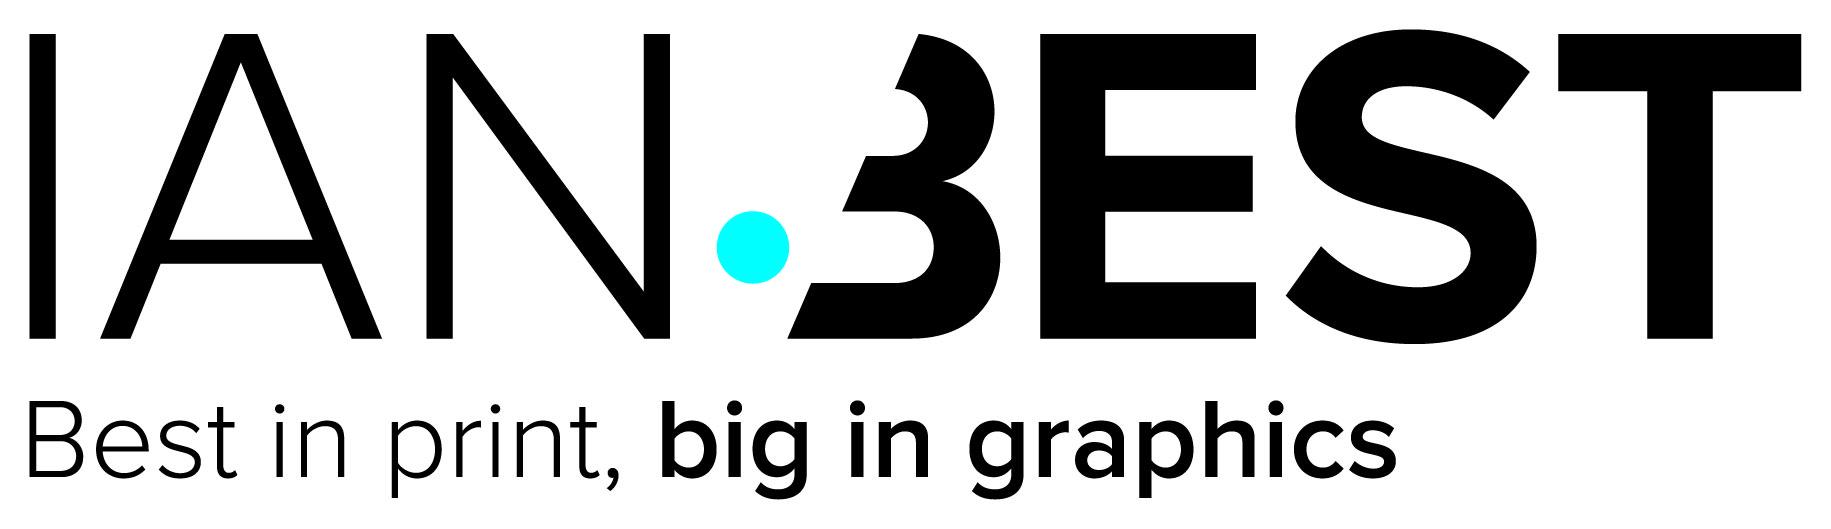 Ian Best_Logotype_Cyan.jpg